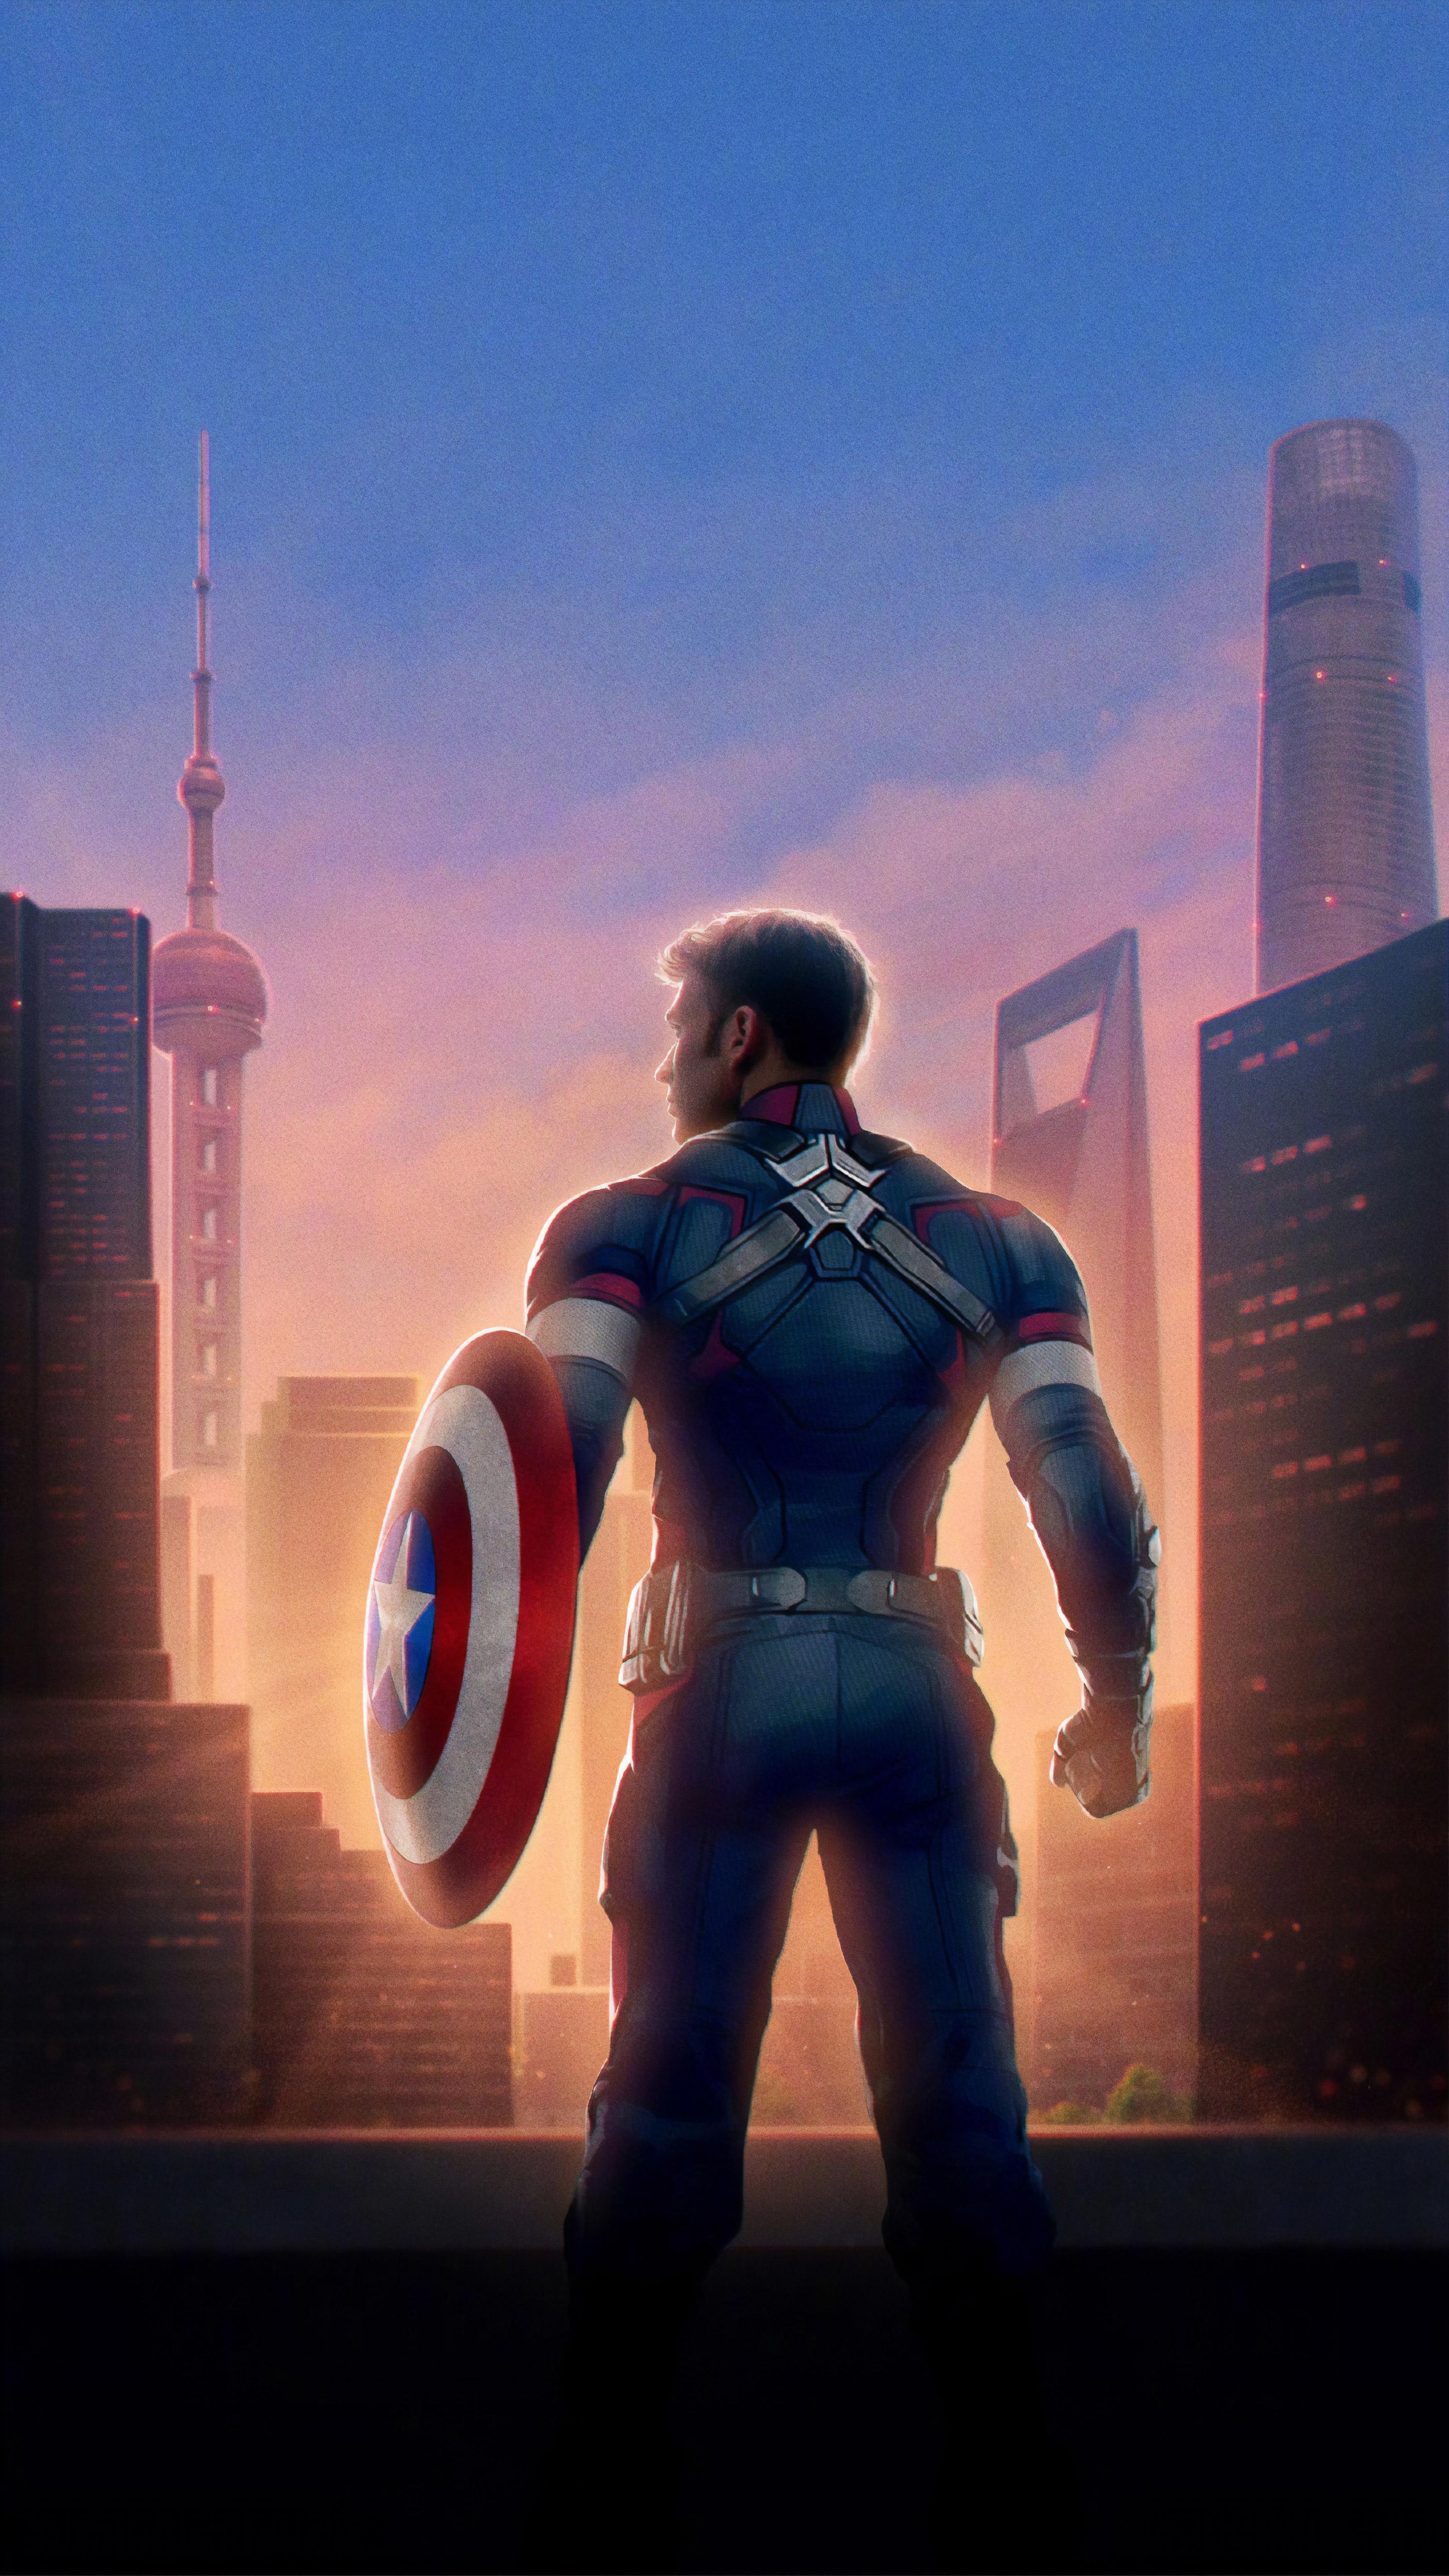 Captain America Avengers Endgame Wallpaper, HD Movies 4K ...